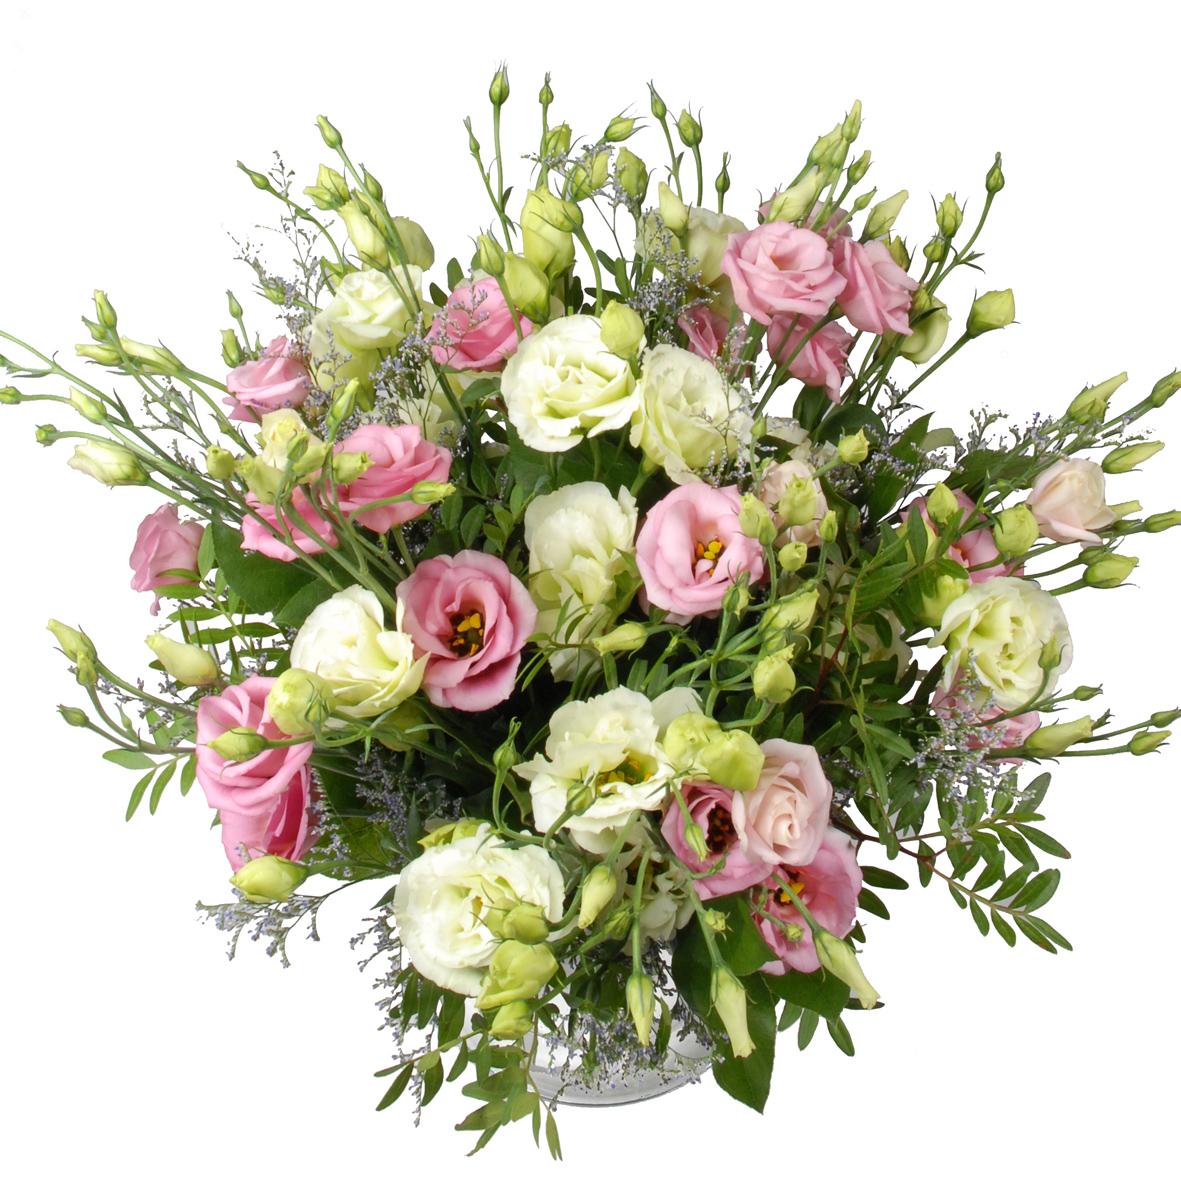 Roze en witte eustoma bloemen